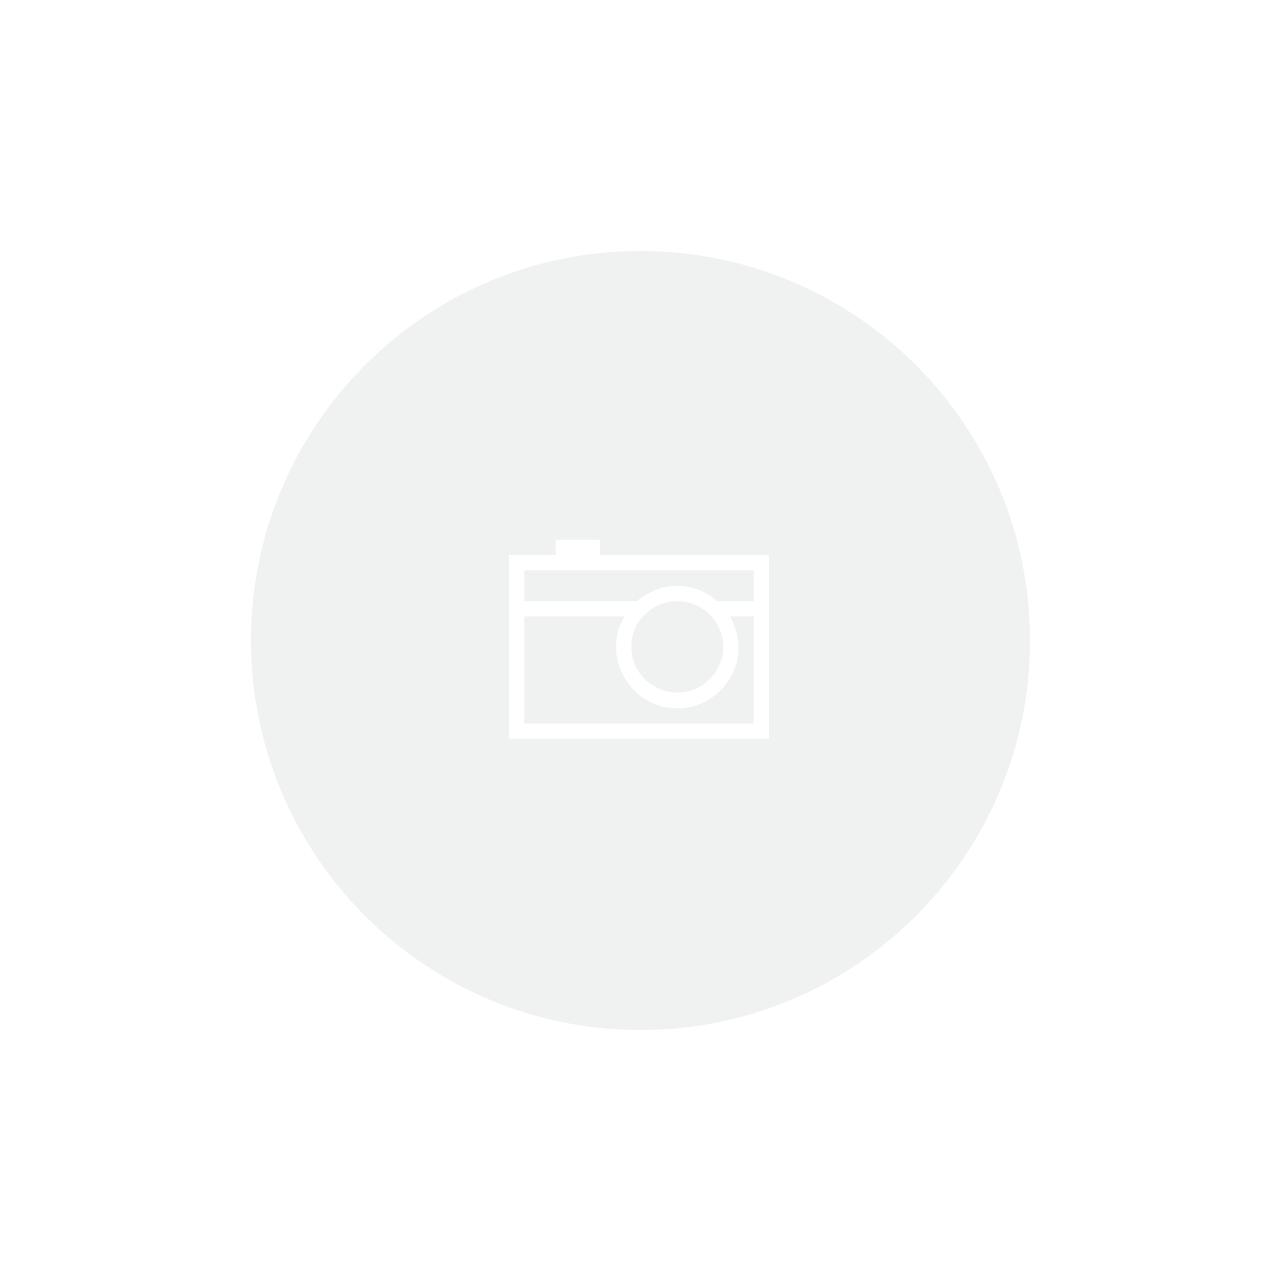 Almofada Shantung Branco c/ Aplicação de Cordão Azul Marinho